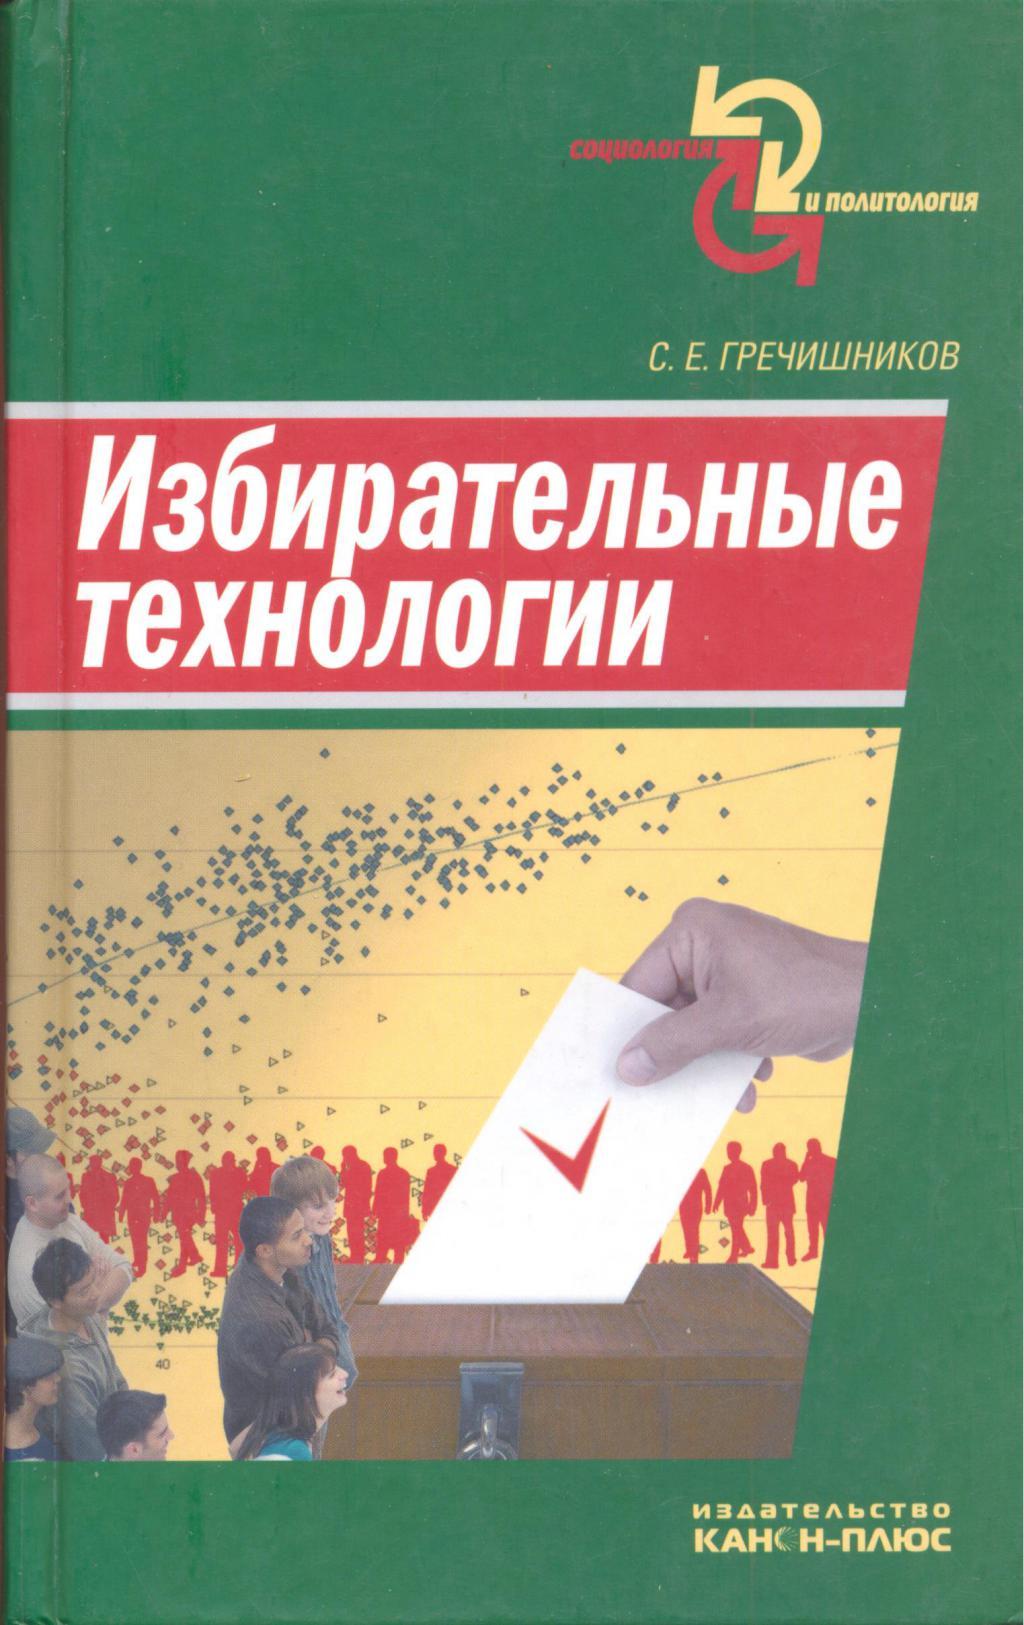 Избирательные технологии